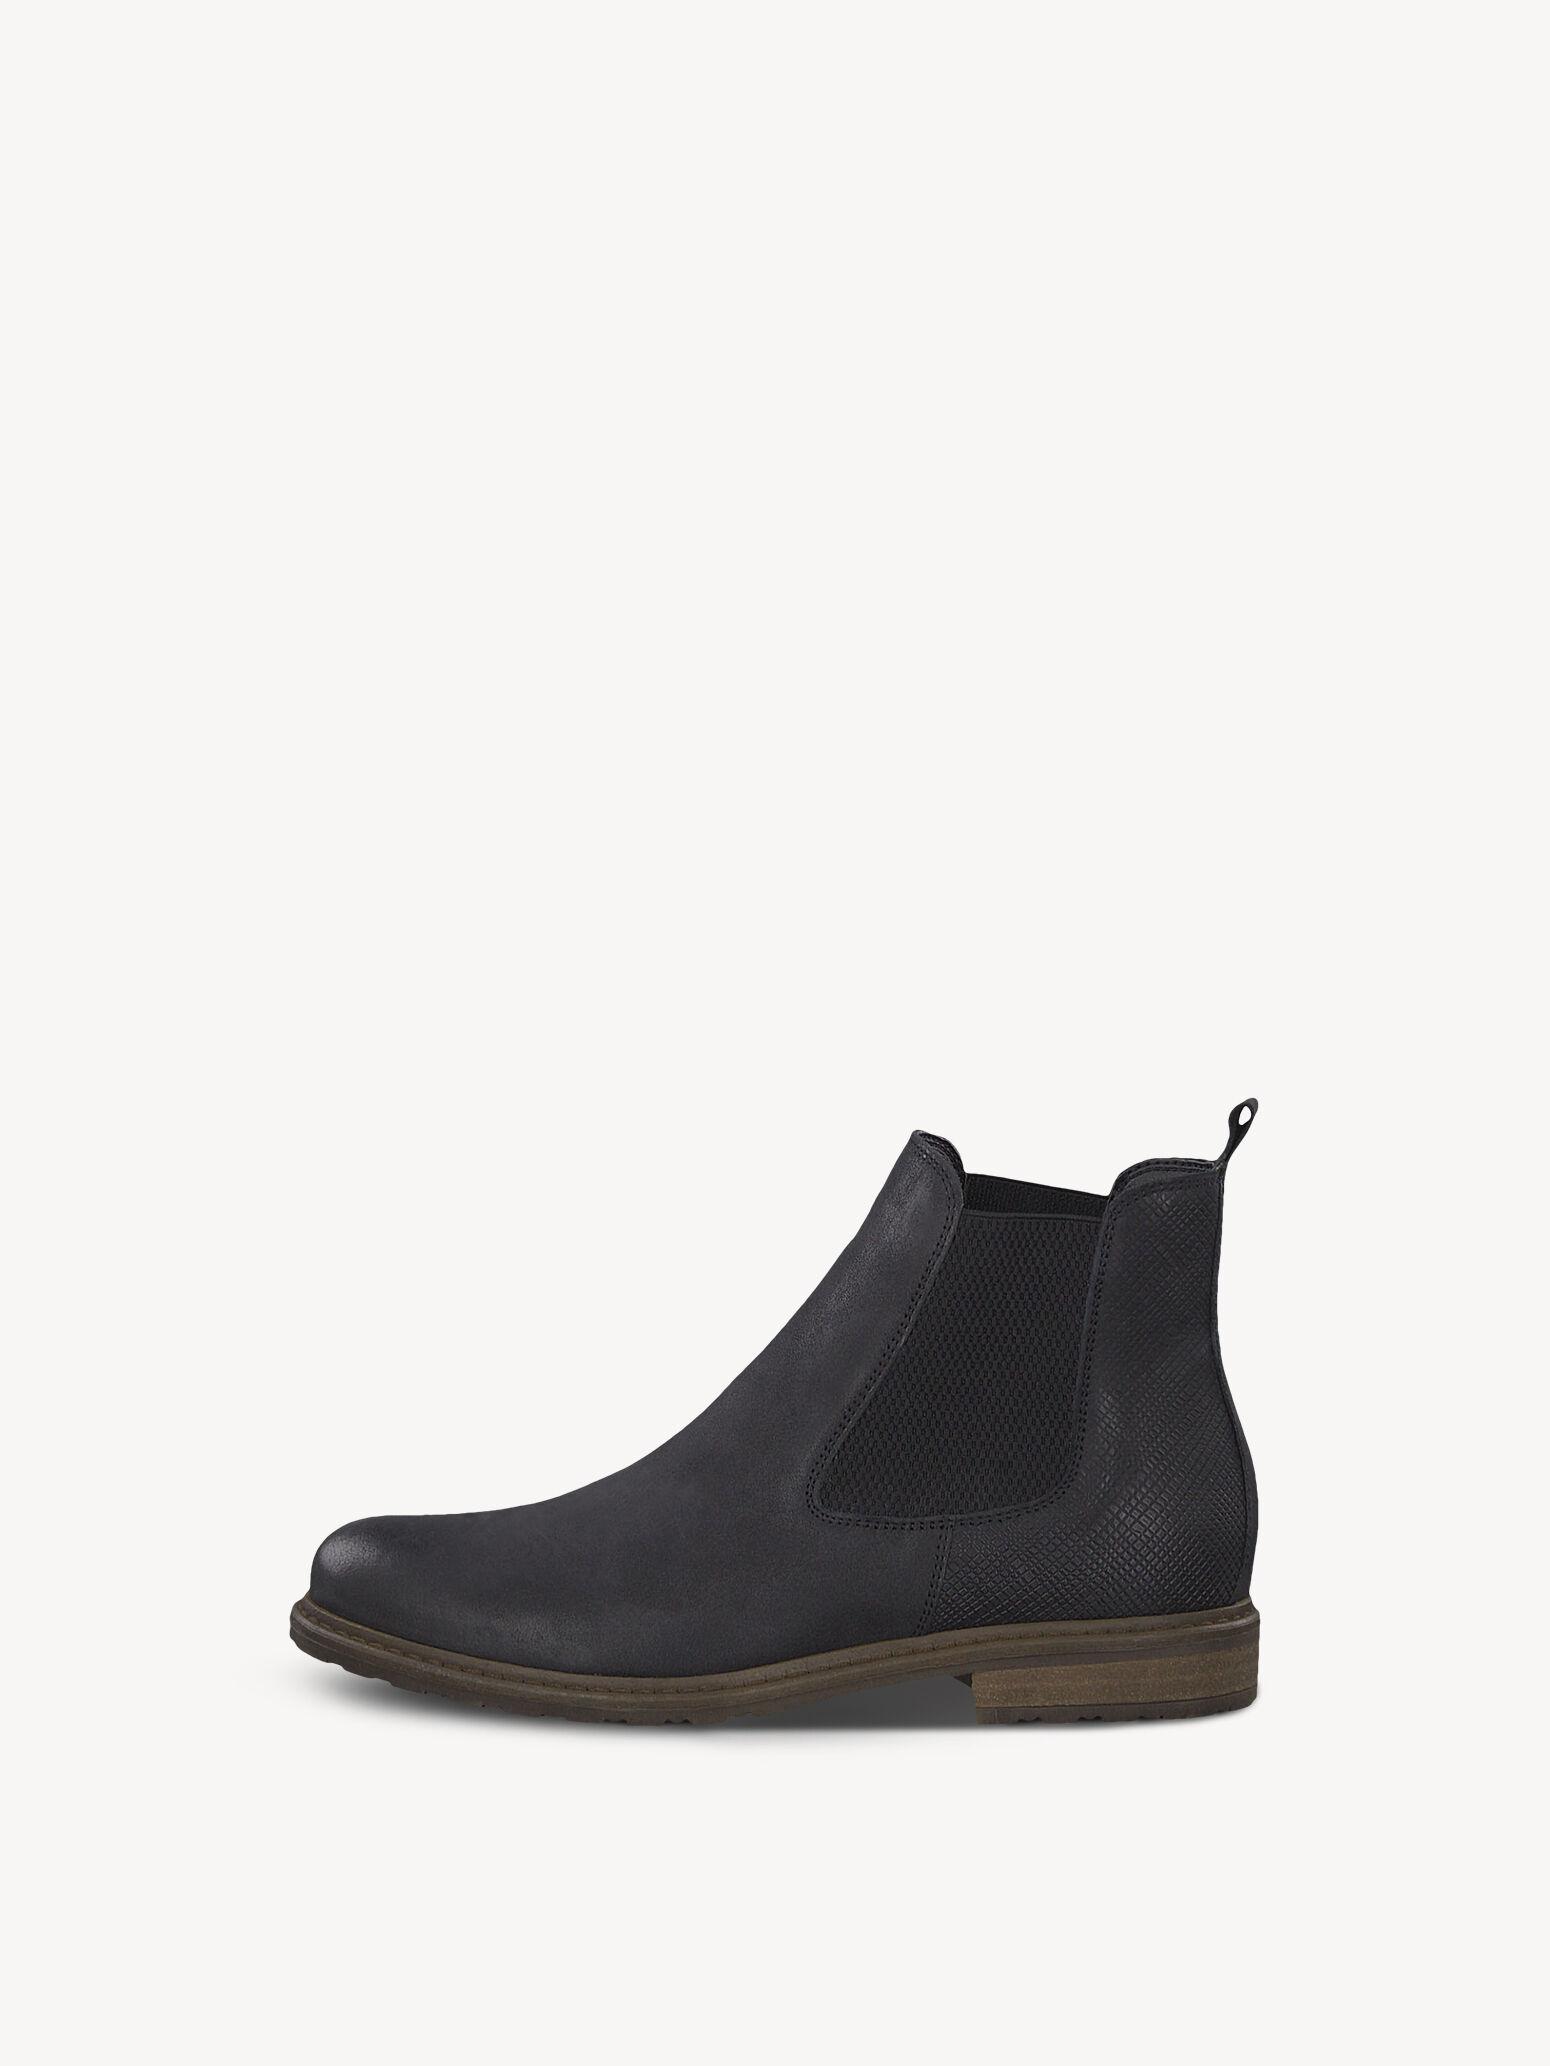 Schicke schwarze Schuhe von Tamaris